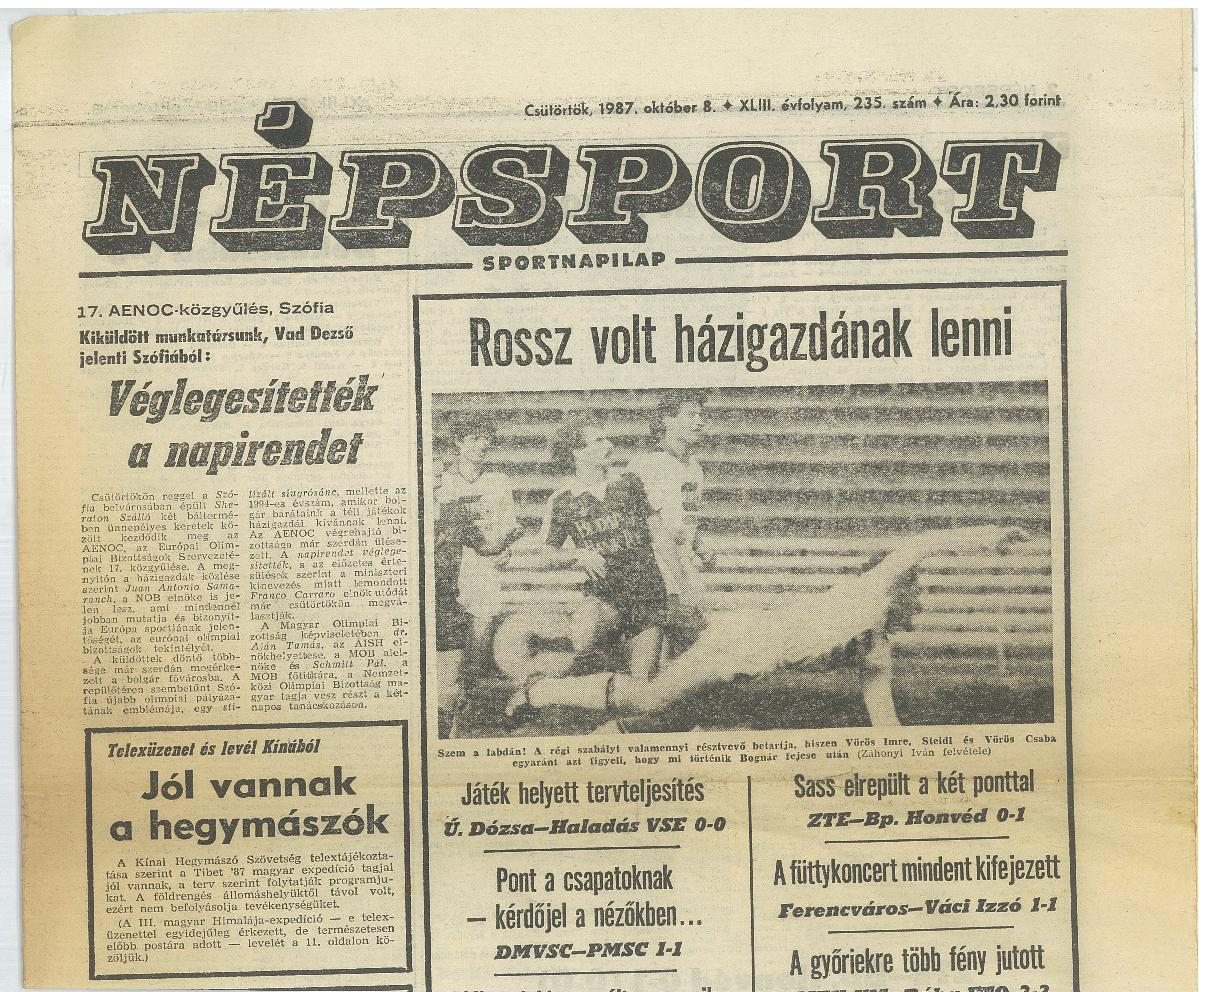 Népsport 1987. október 8.